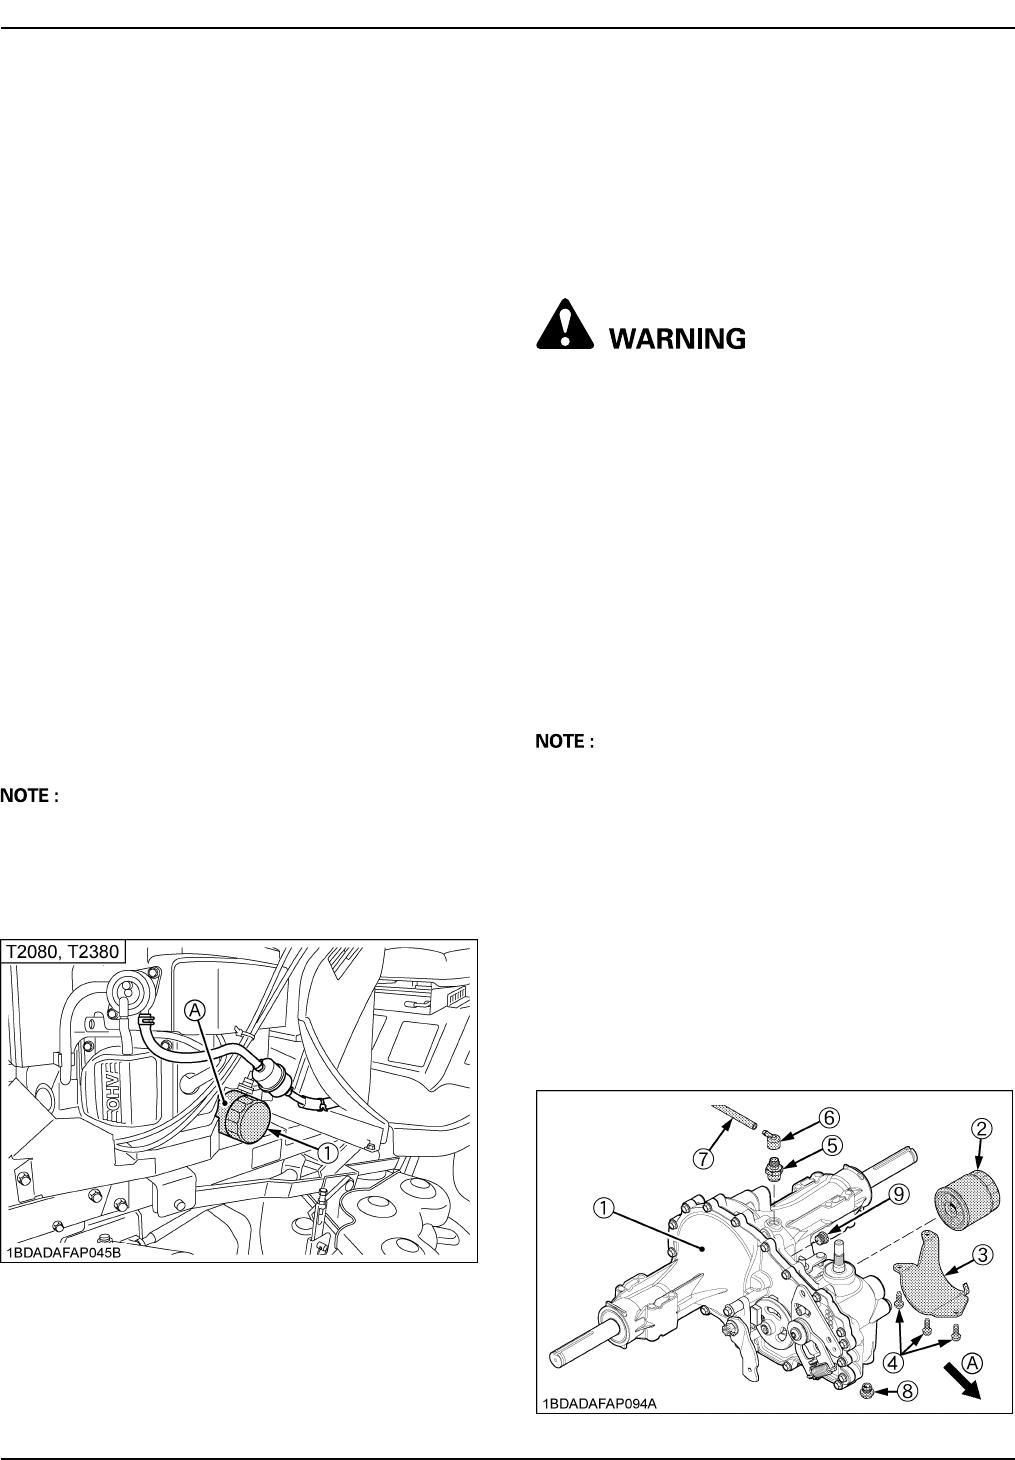 Tremendous Handleiding Kubota T1880 Pagina 67 Van 78 English Wiring Cloud Hisonuggs Outletorg